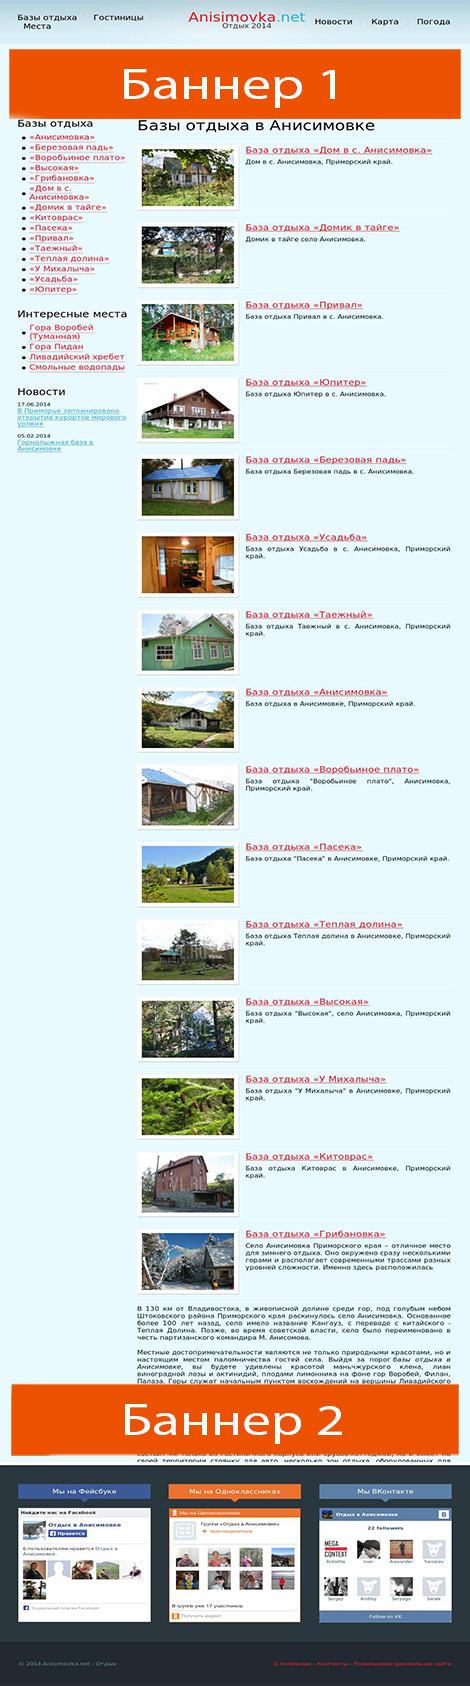 схема размещения рекламы на сайте anisimovka.net  height=